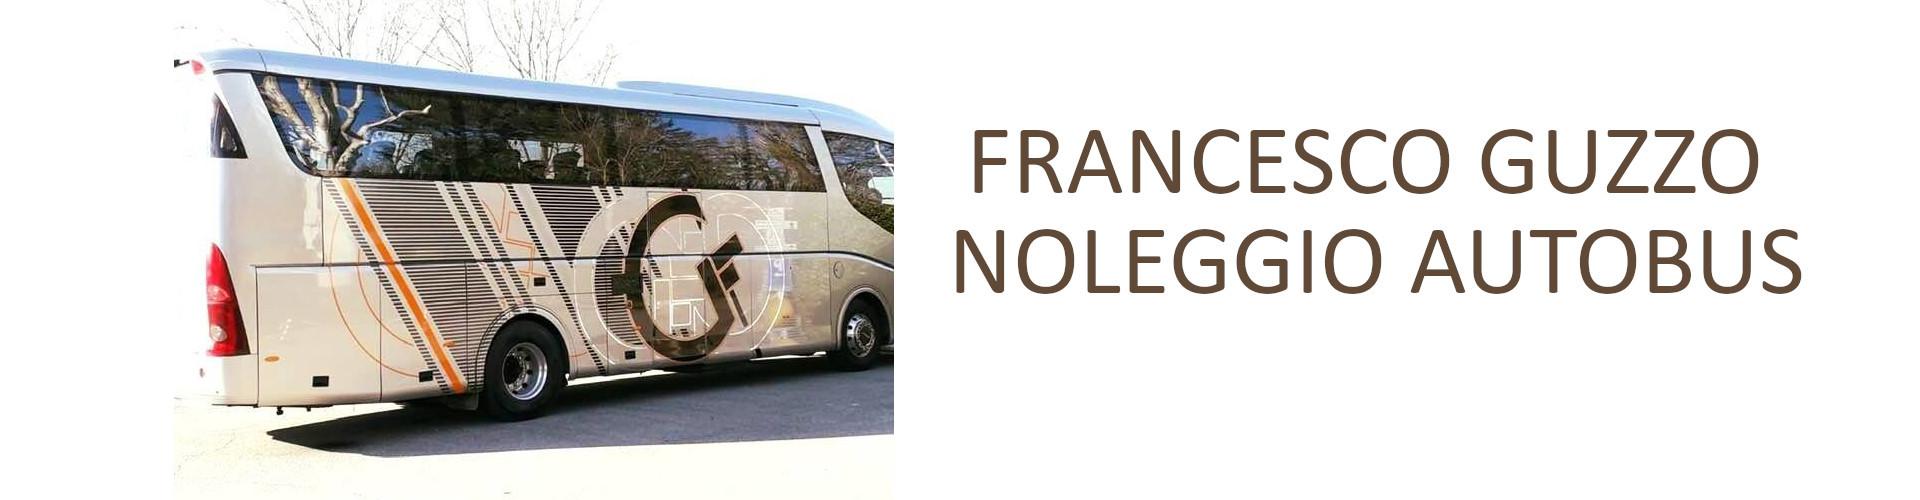 FRANCESCO GUZZO NOLEGGIO AUTOBUS